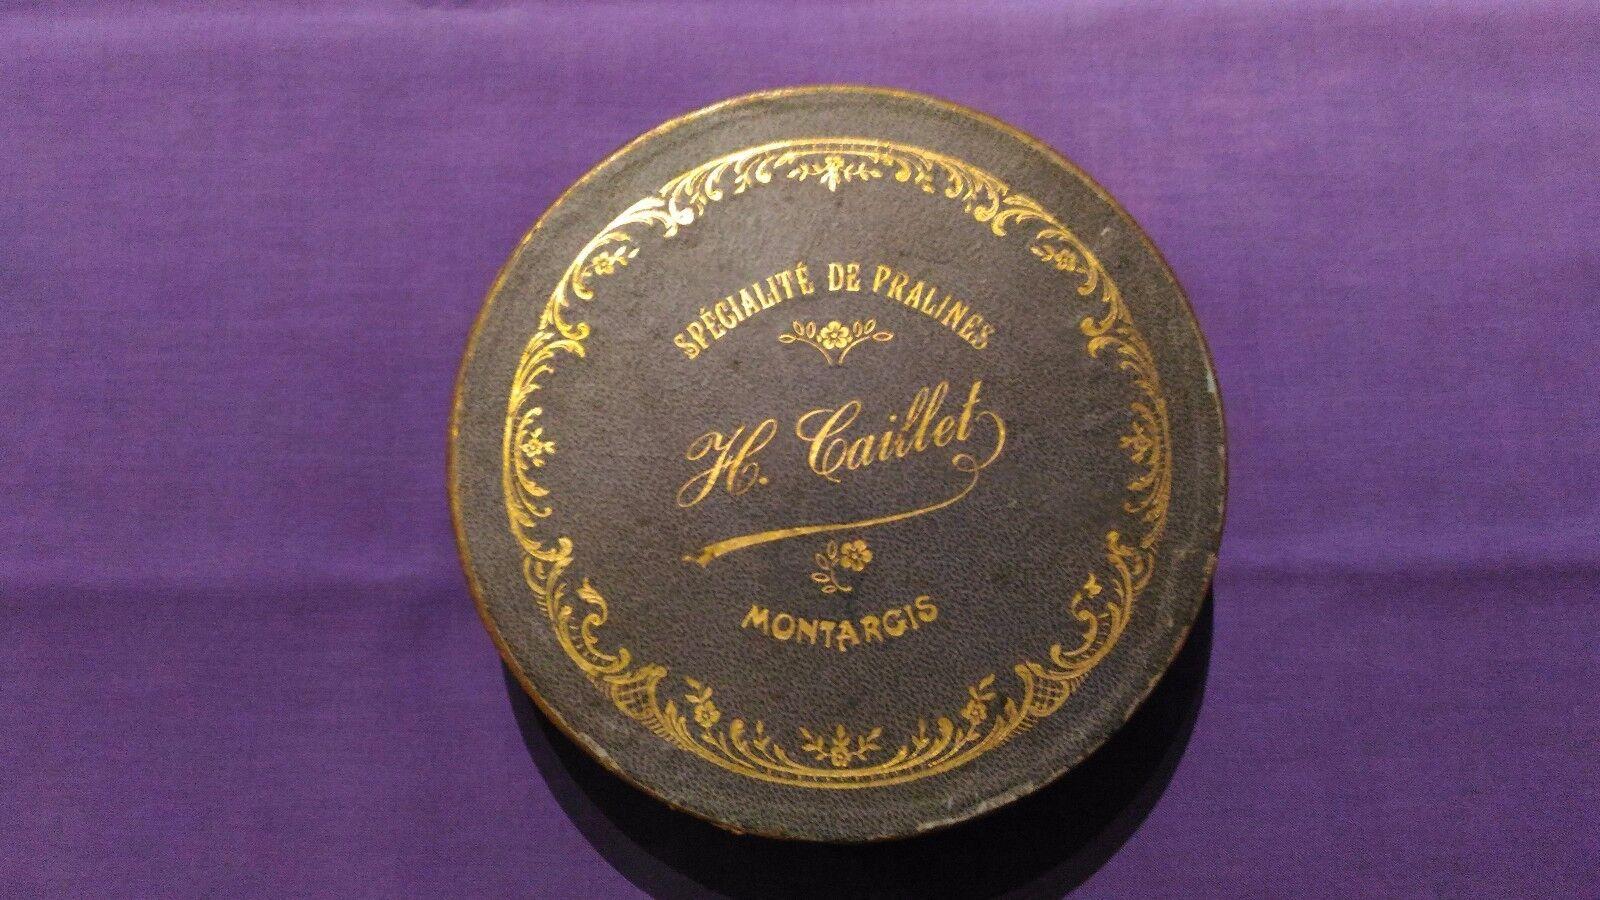 Boite Métallique Vintage   Spécialité De Pralines H.Caillet   Très Bon Etat